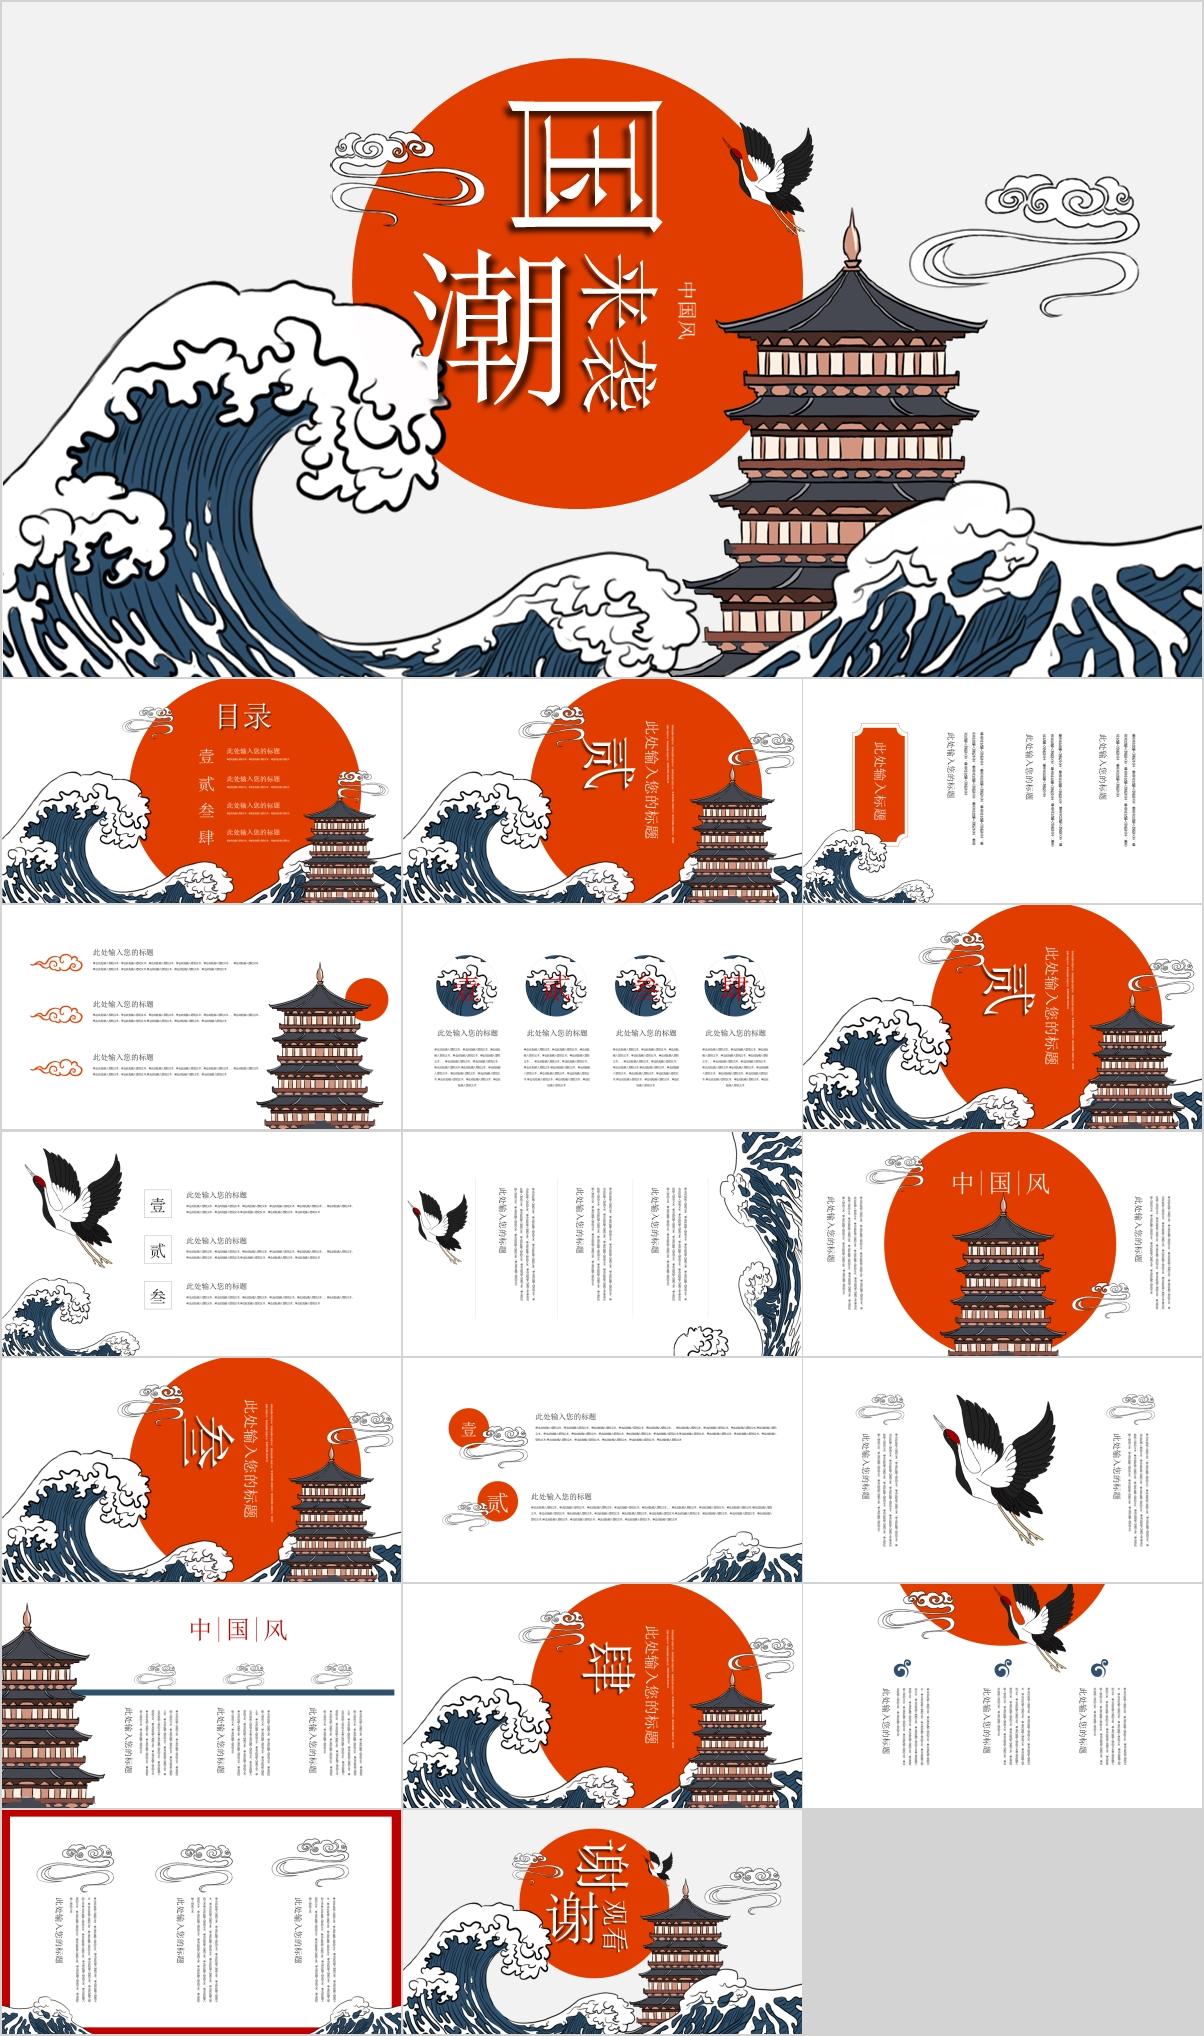 【PPT】国潮来袭中国风古塔海浪PPT模板-爱资源分享